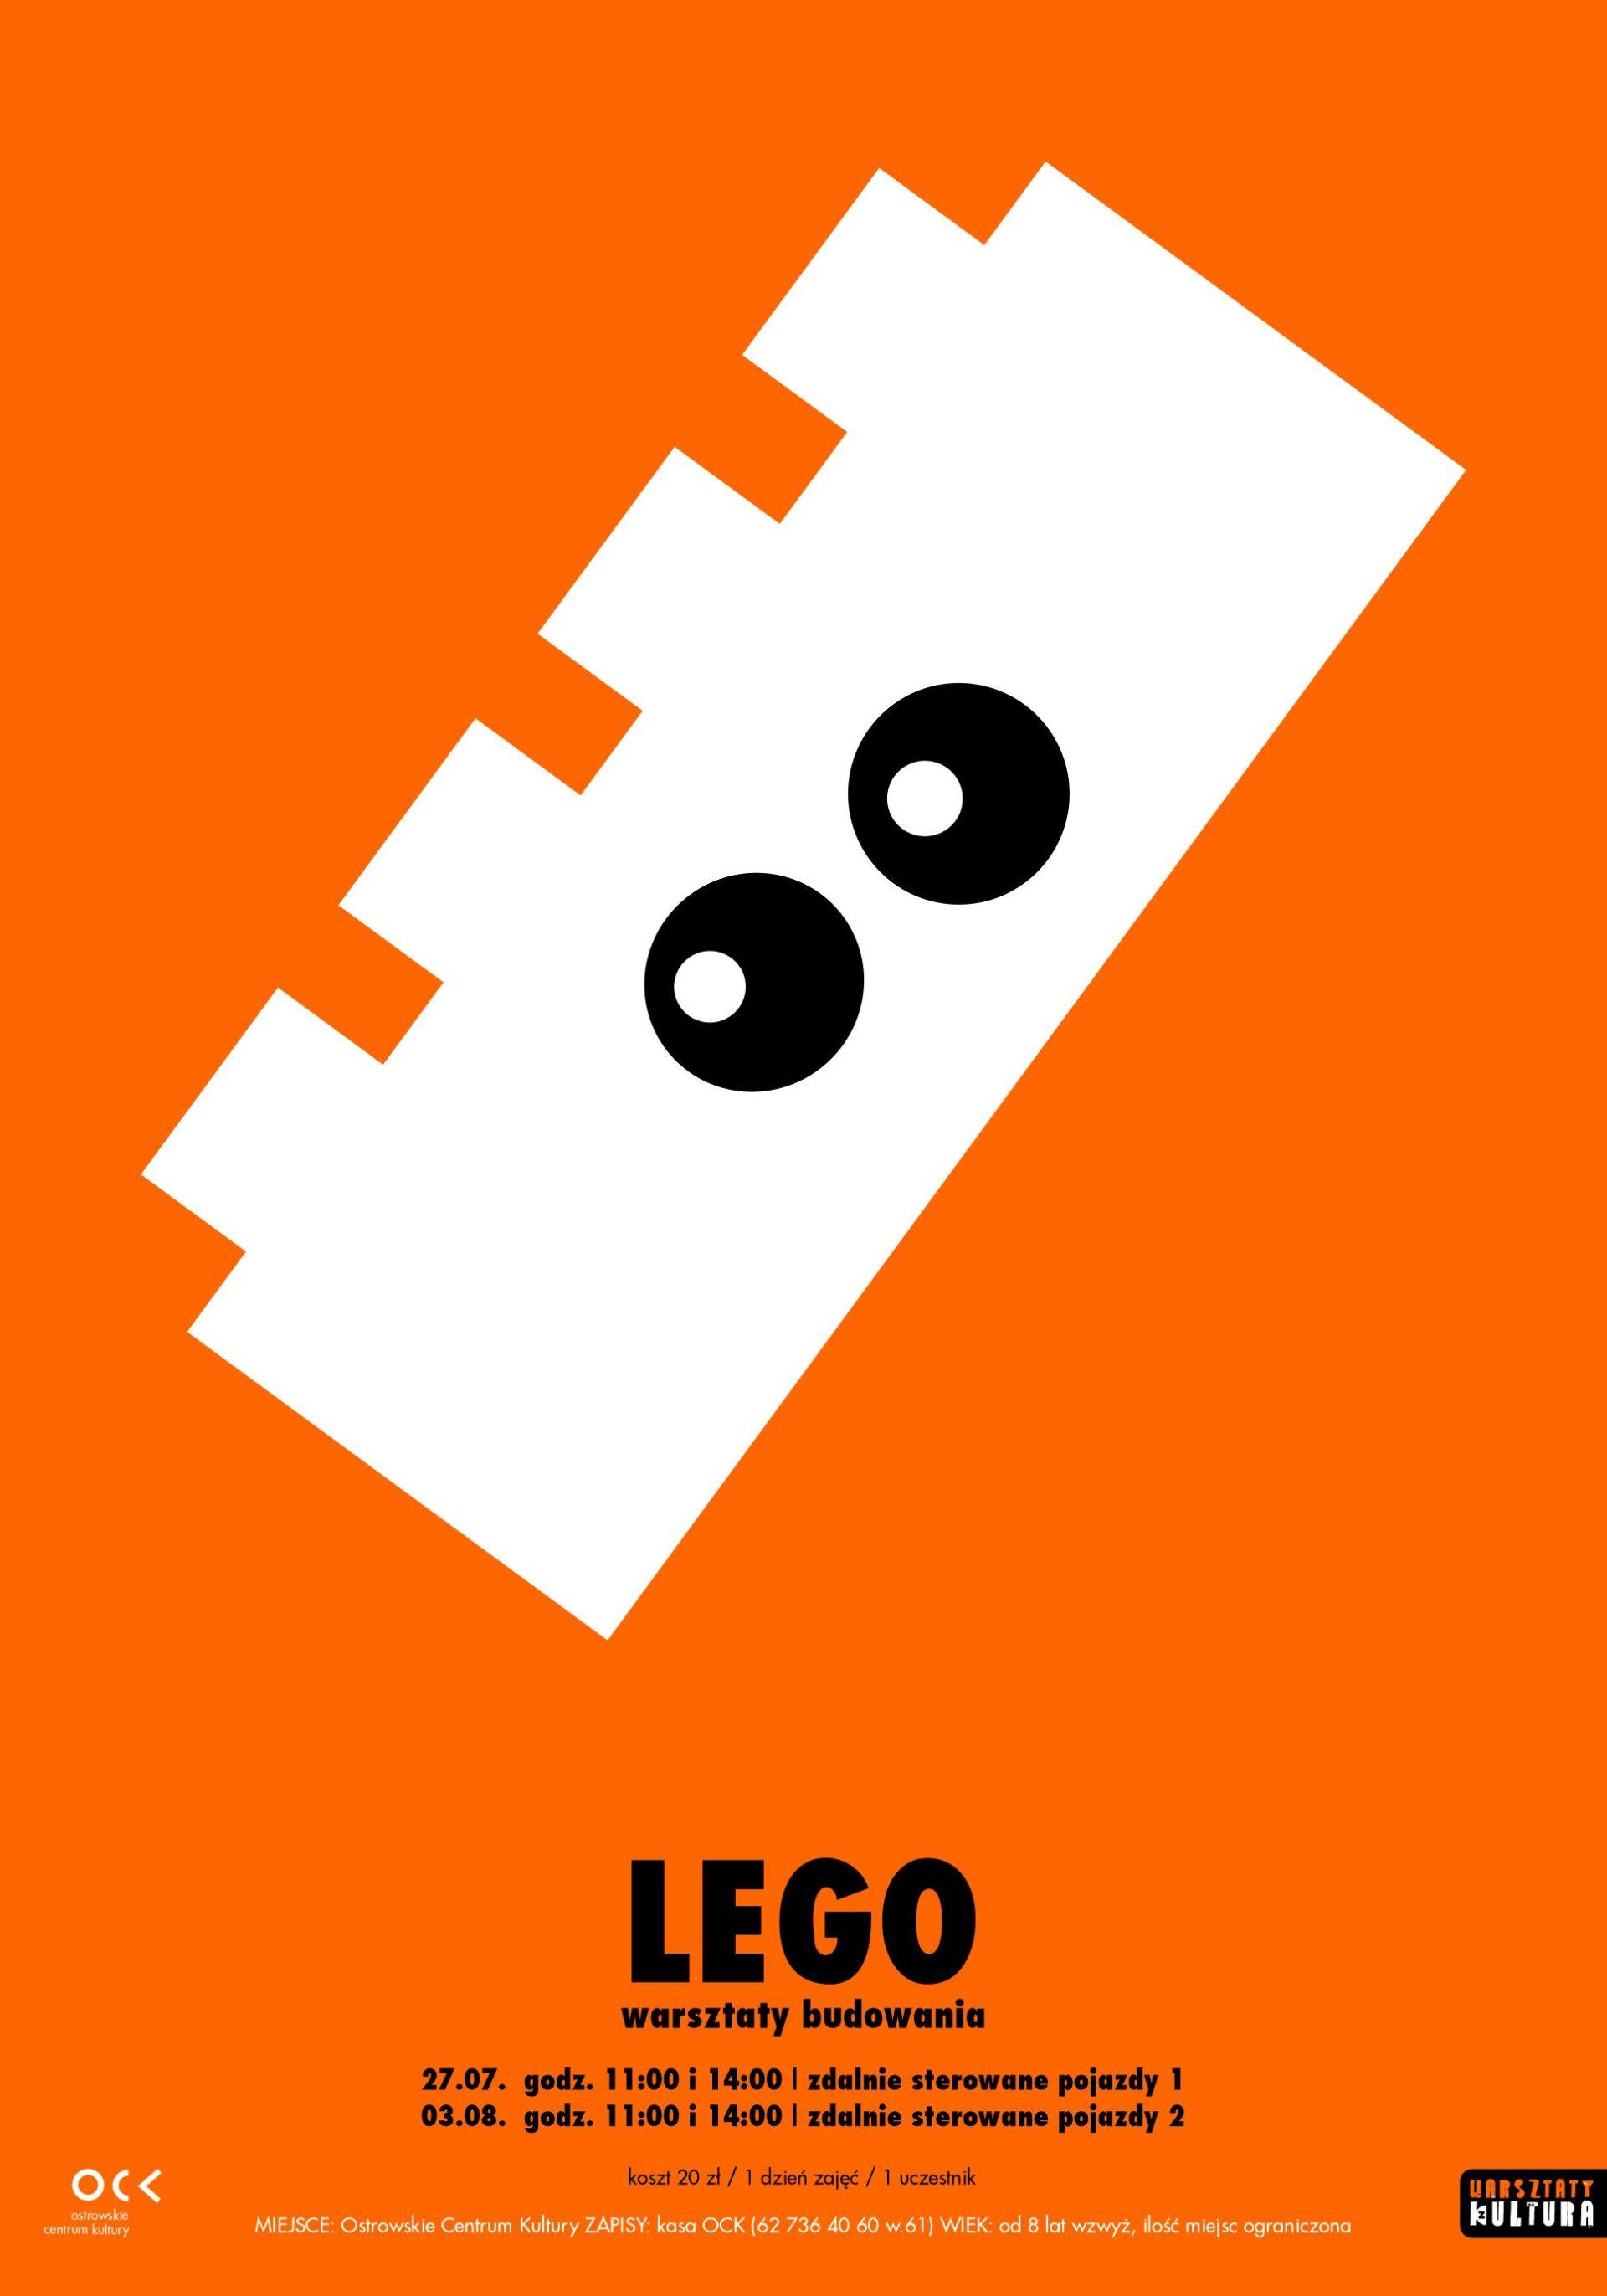 WARSZTATY Z KULTURĄ | LEGO